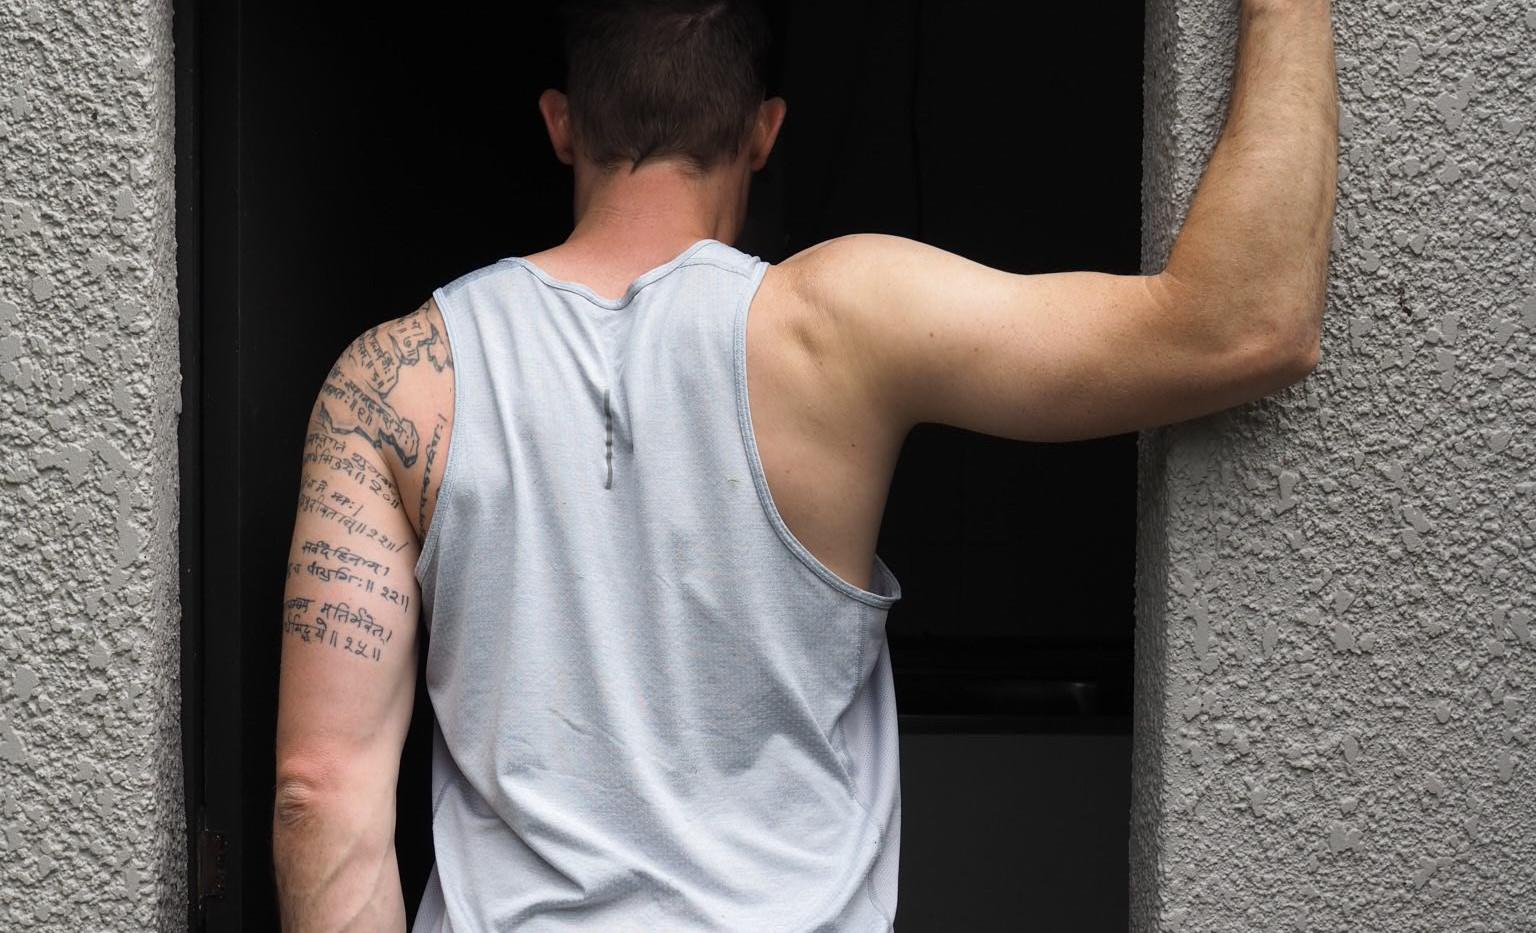 Doorway single chest stretch